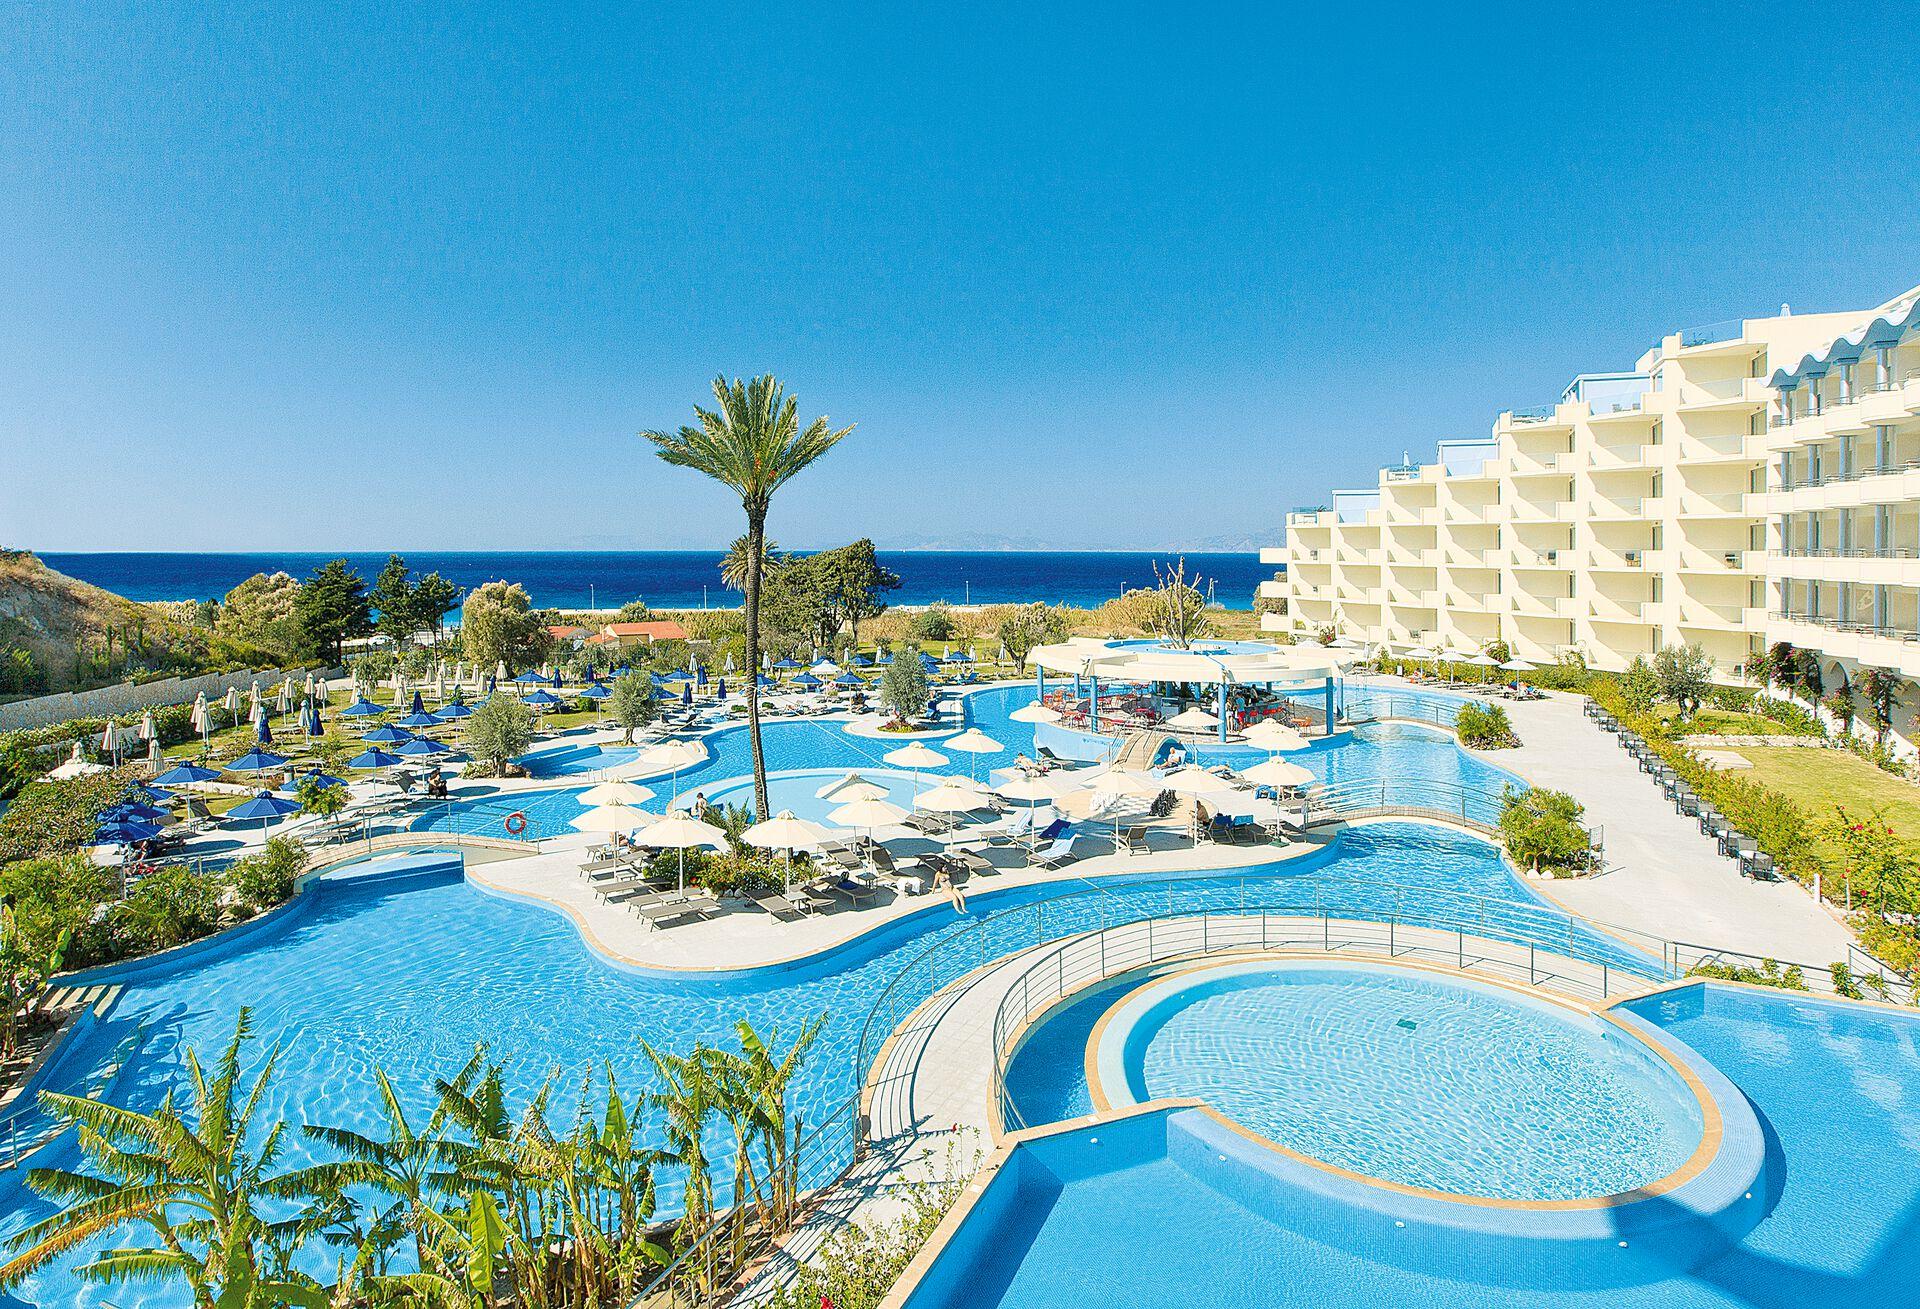 Hotel Atrium Platinum Luxury Resort & Spa - 5*